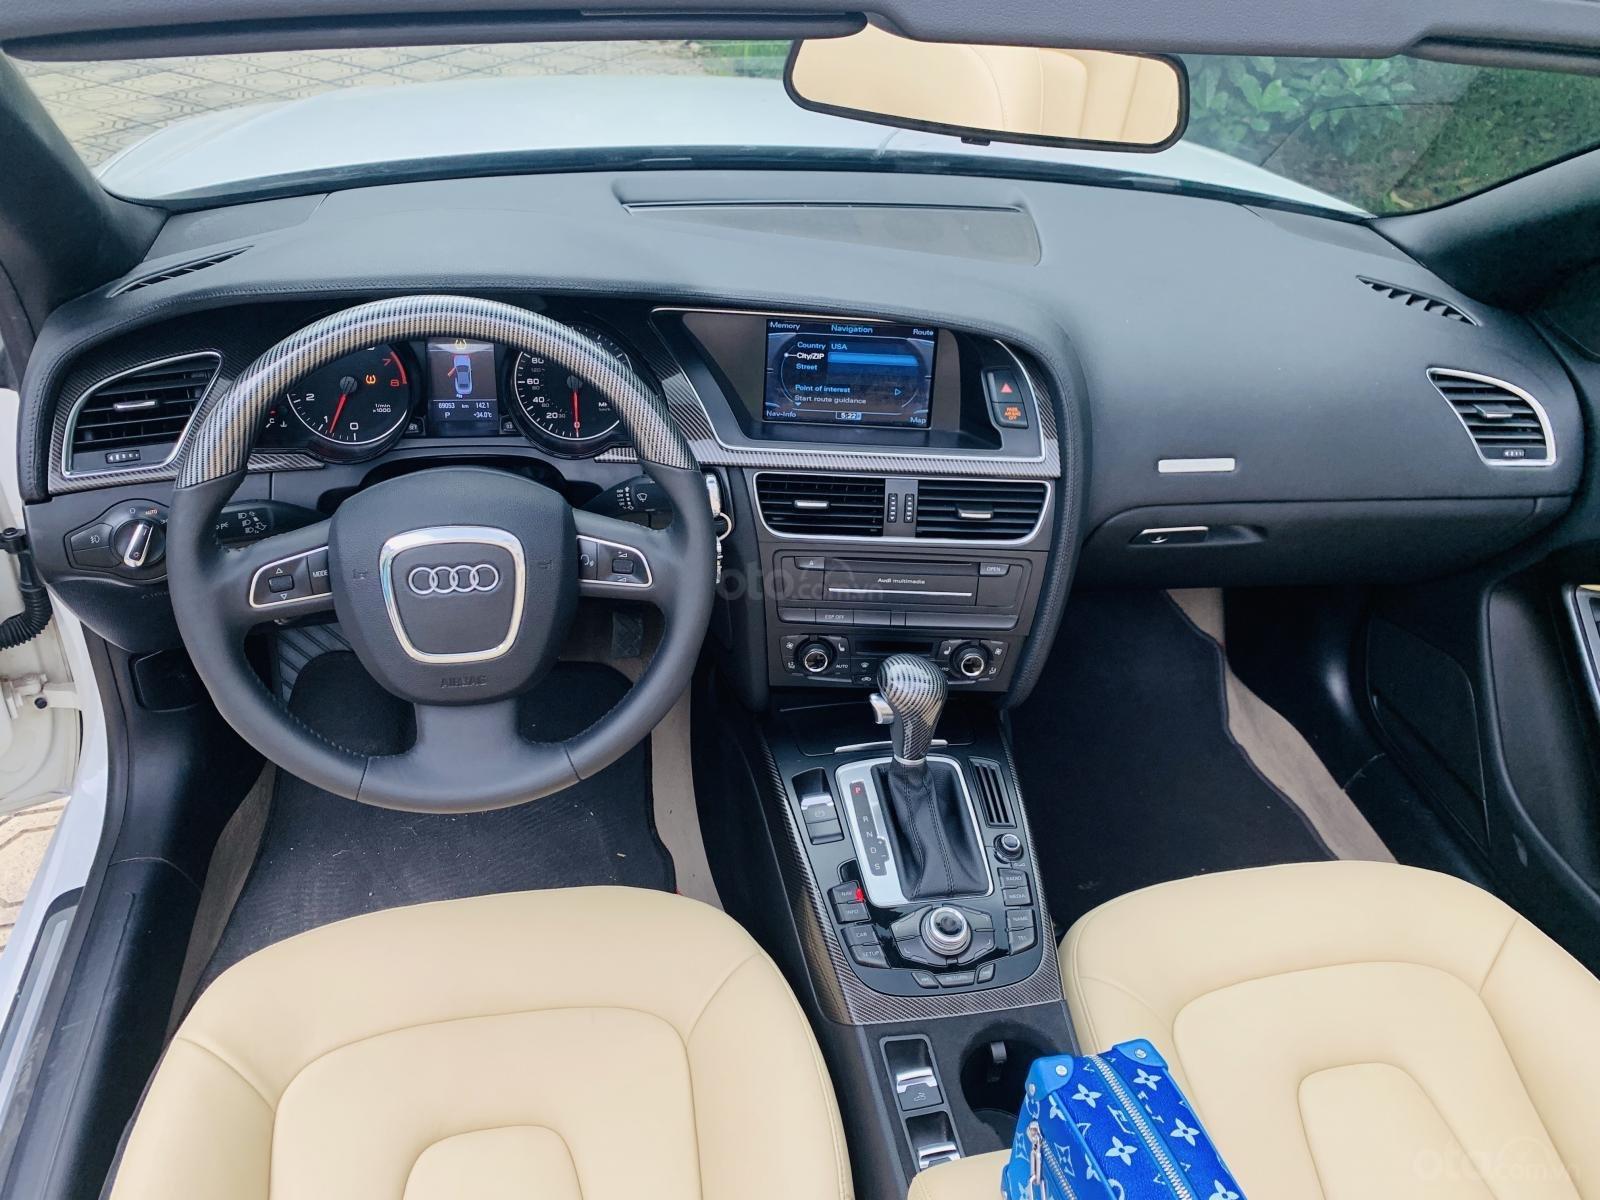 Audi A5 - 2.0 mui trần màu trắng xe đẹp biển vip giá rẻ (7)